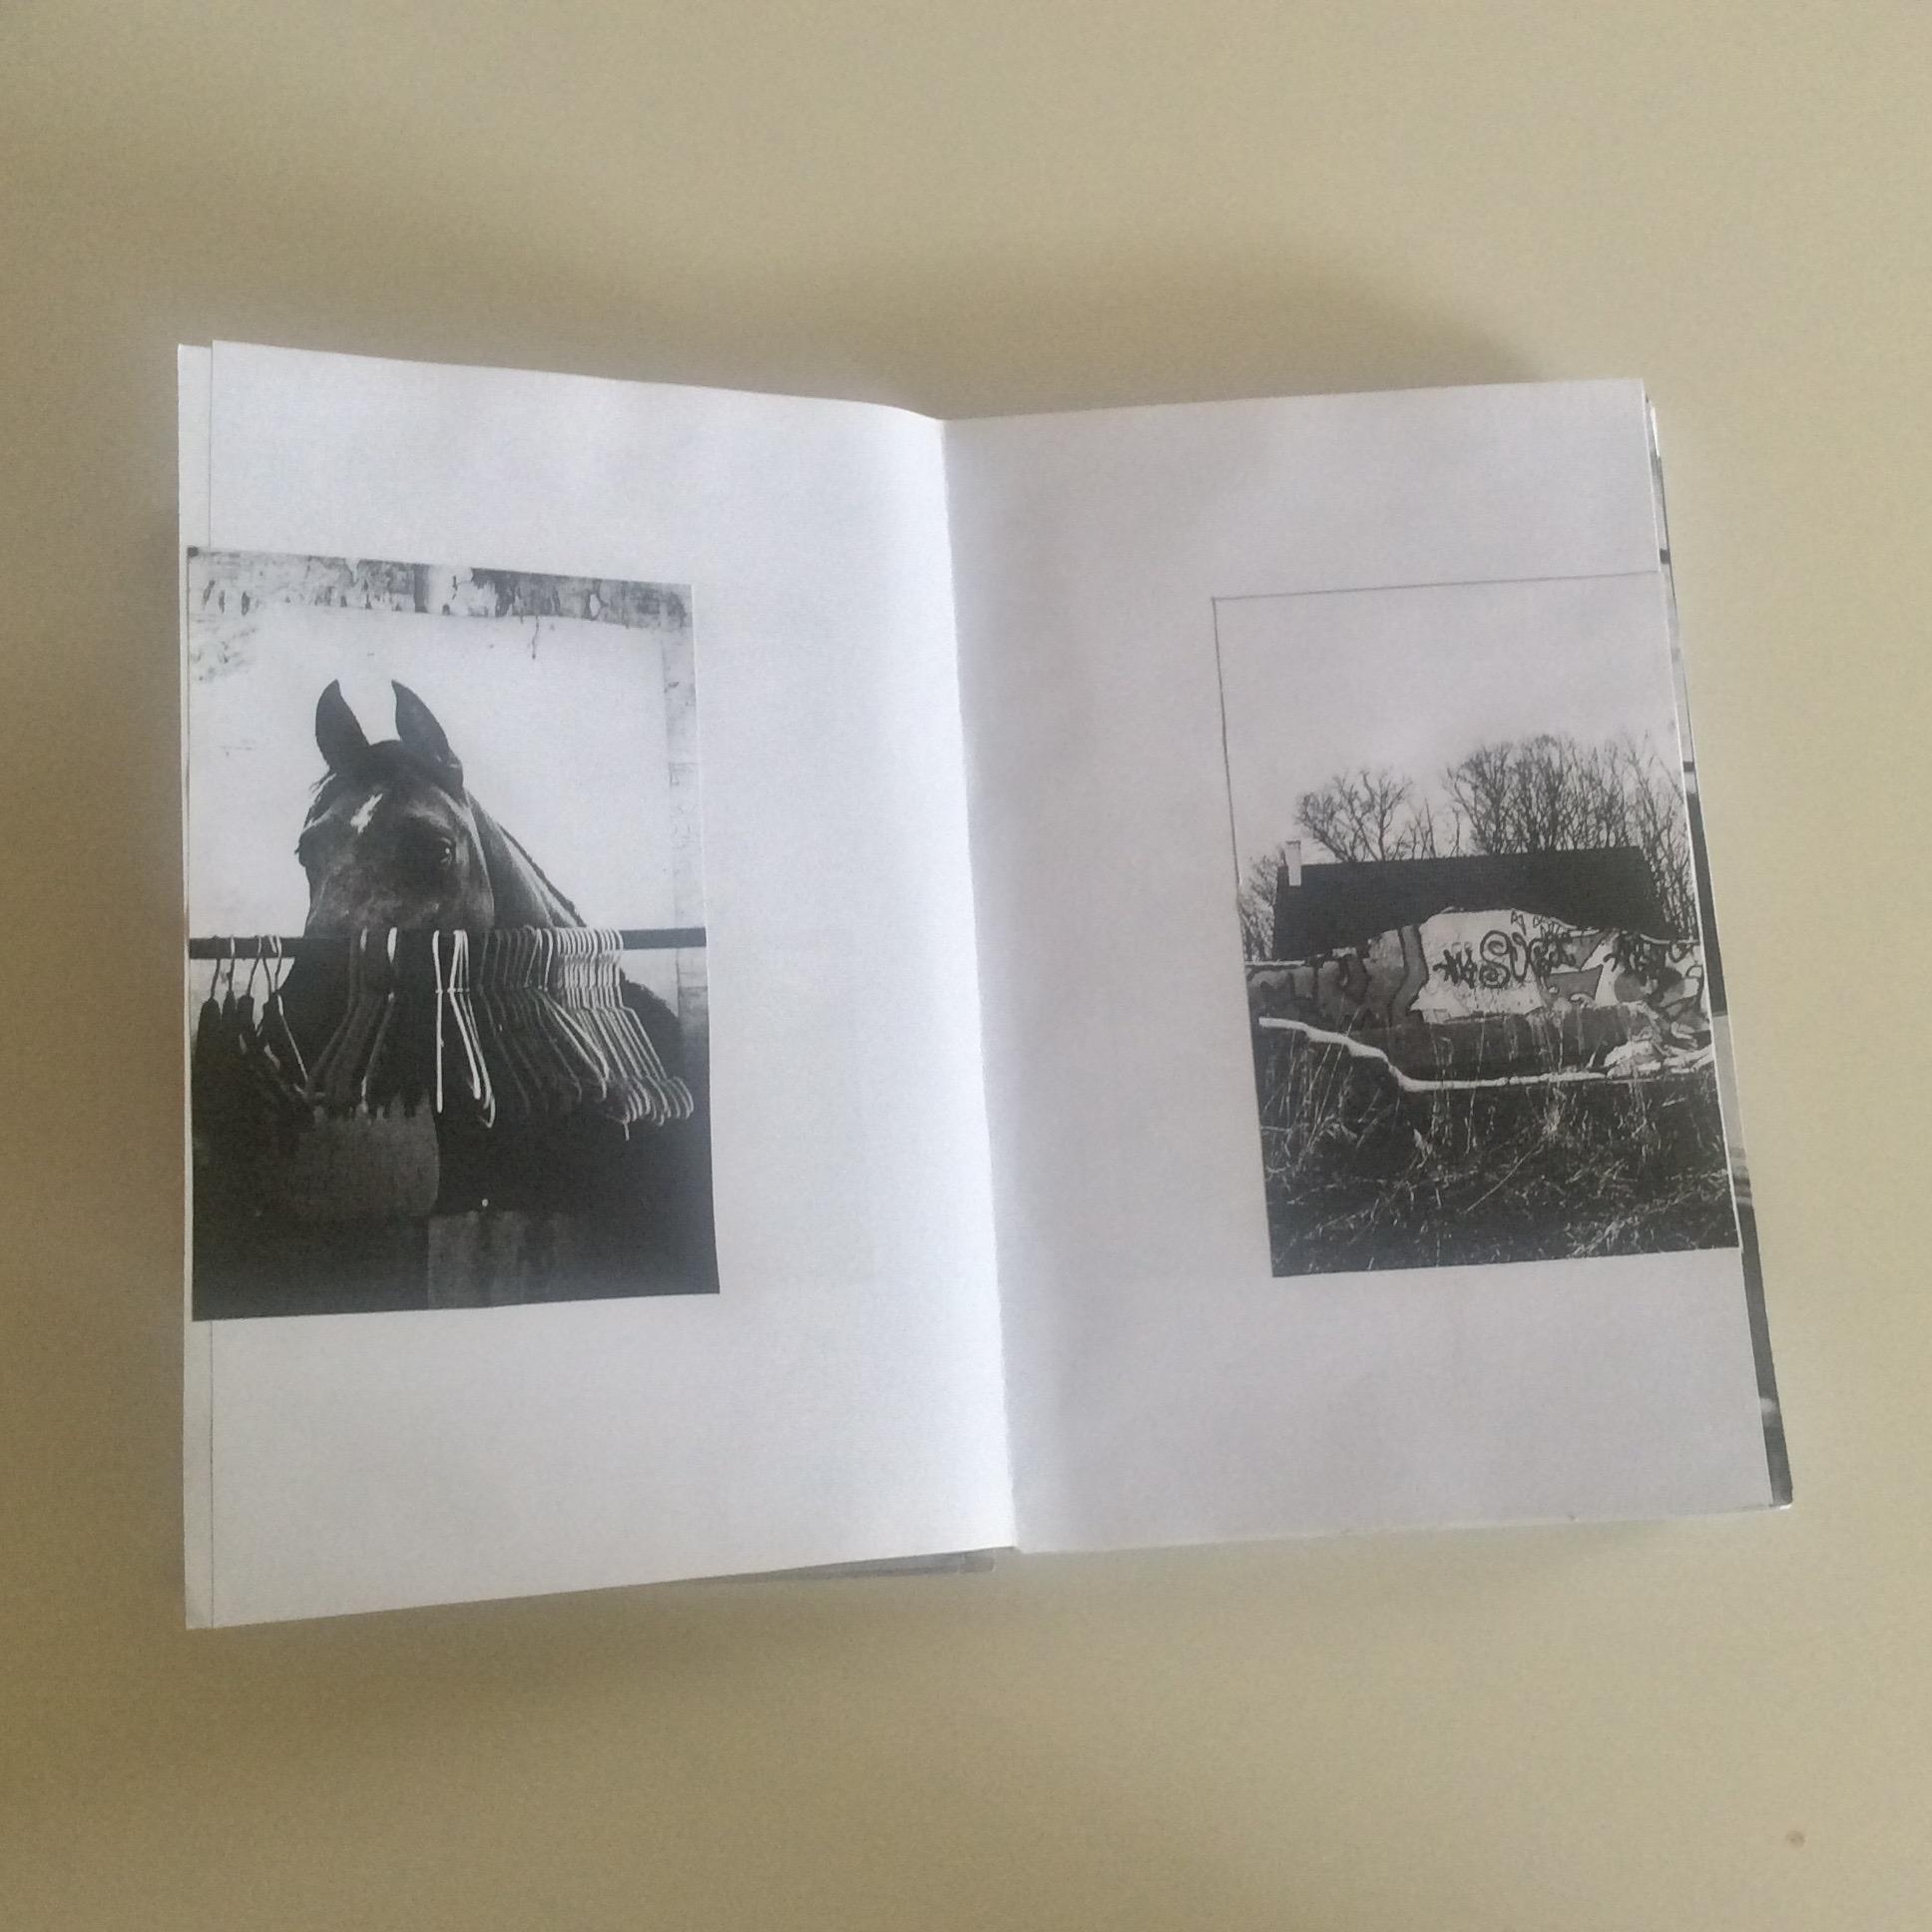 Photographies Sabrina Karp-dessin du livre Claire Jolin-les editions orange claireIMG_1465